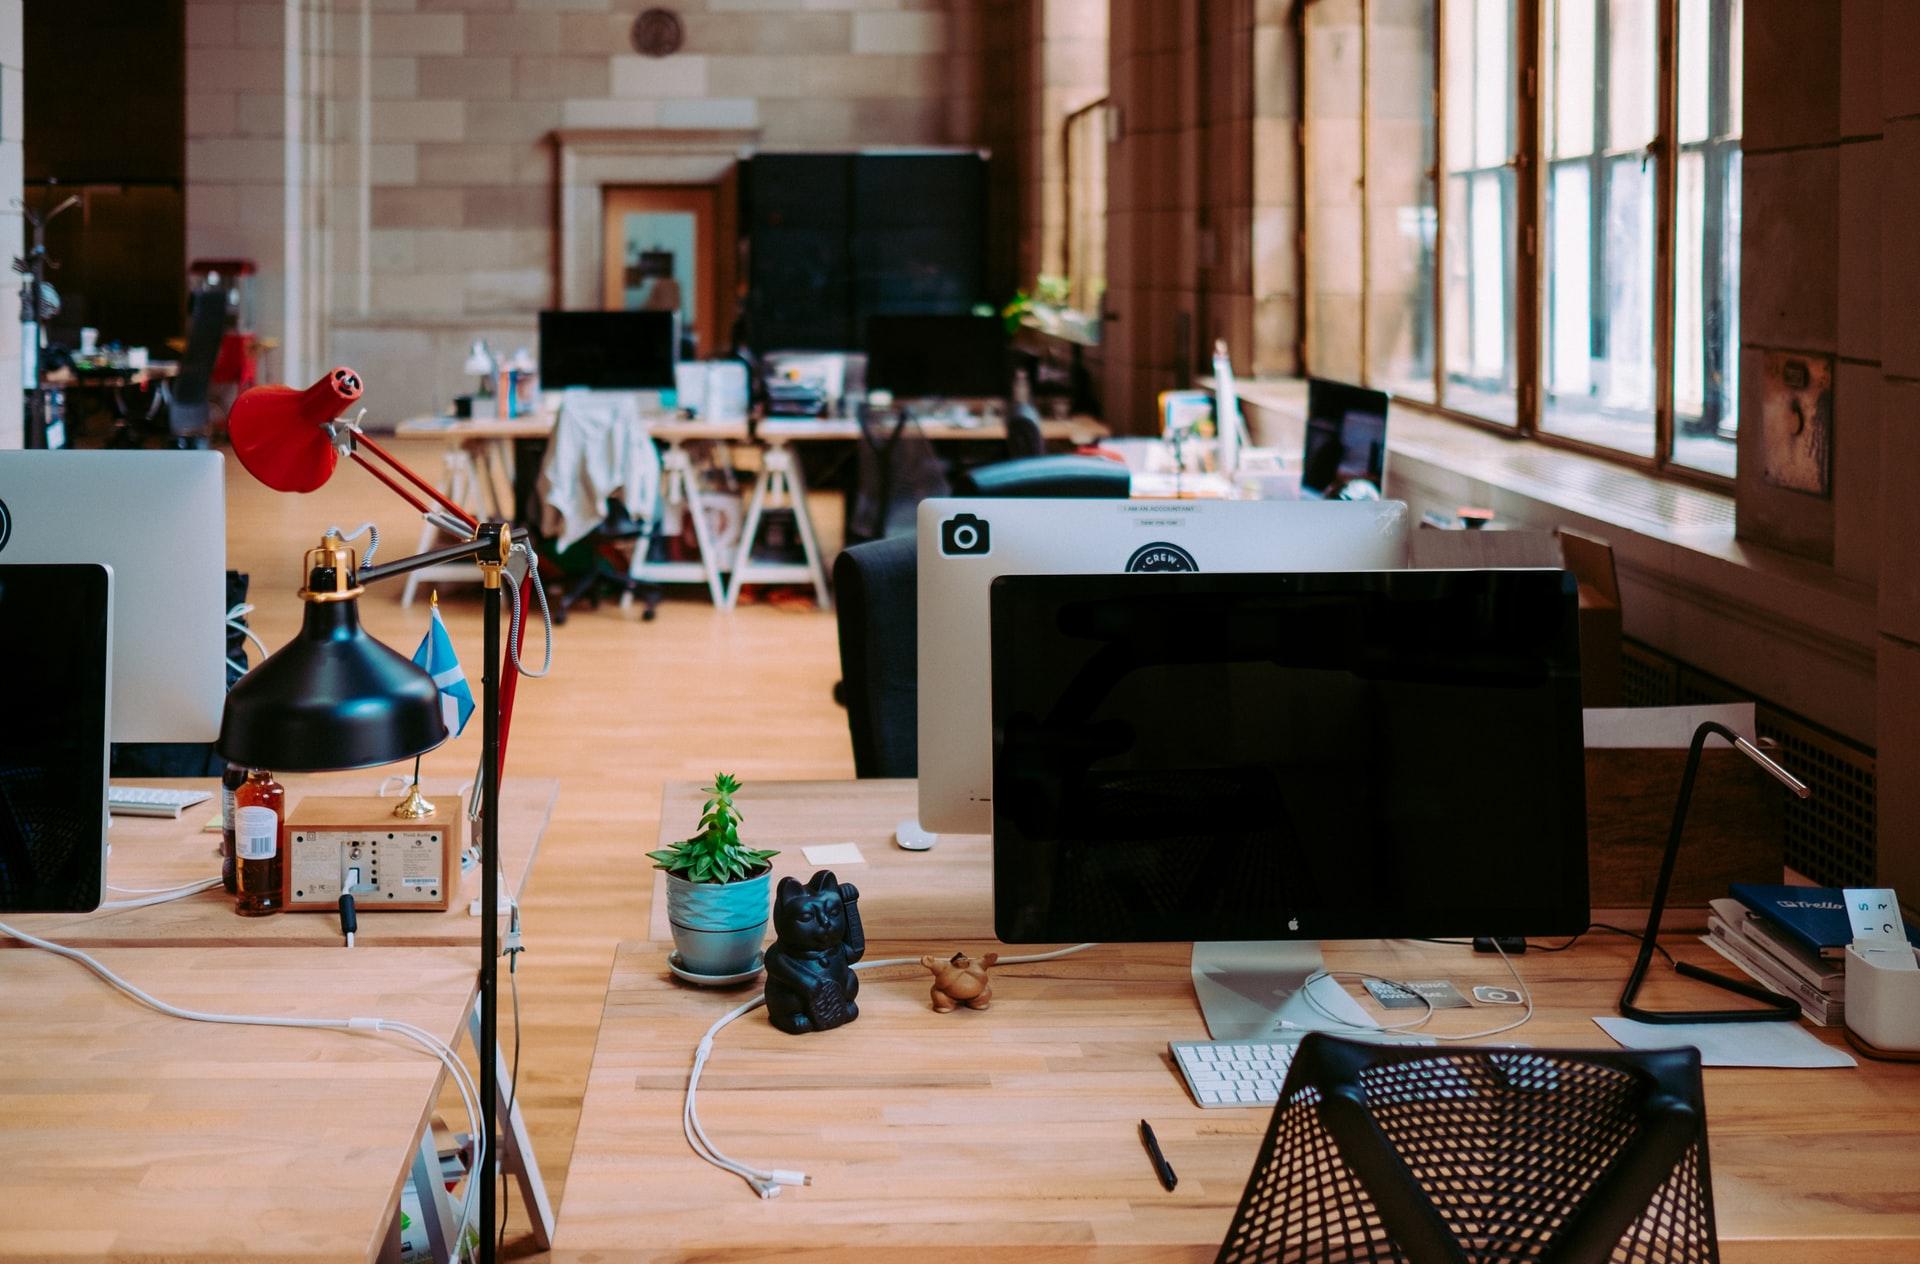 Quels seront les impacts de la crise sanitaire sur les espaces de travail ?